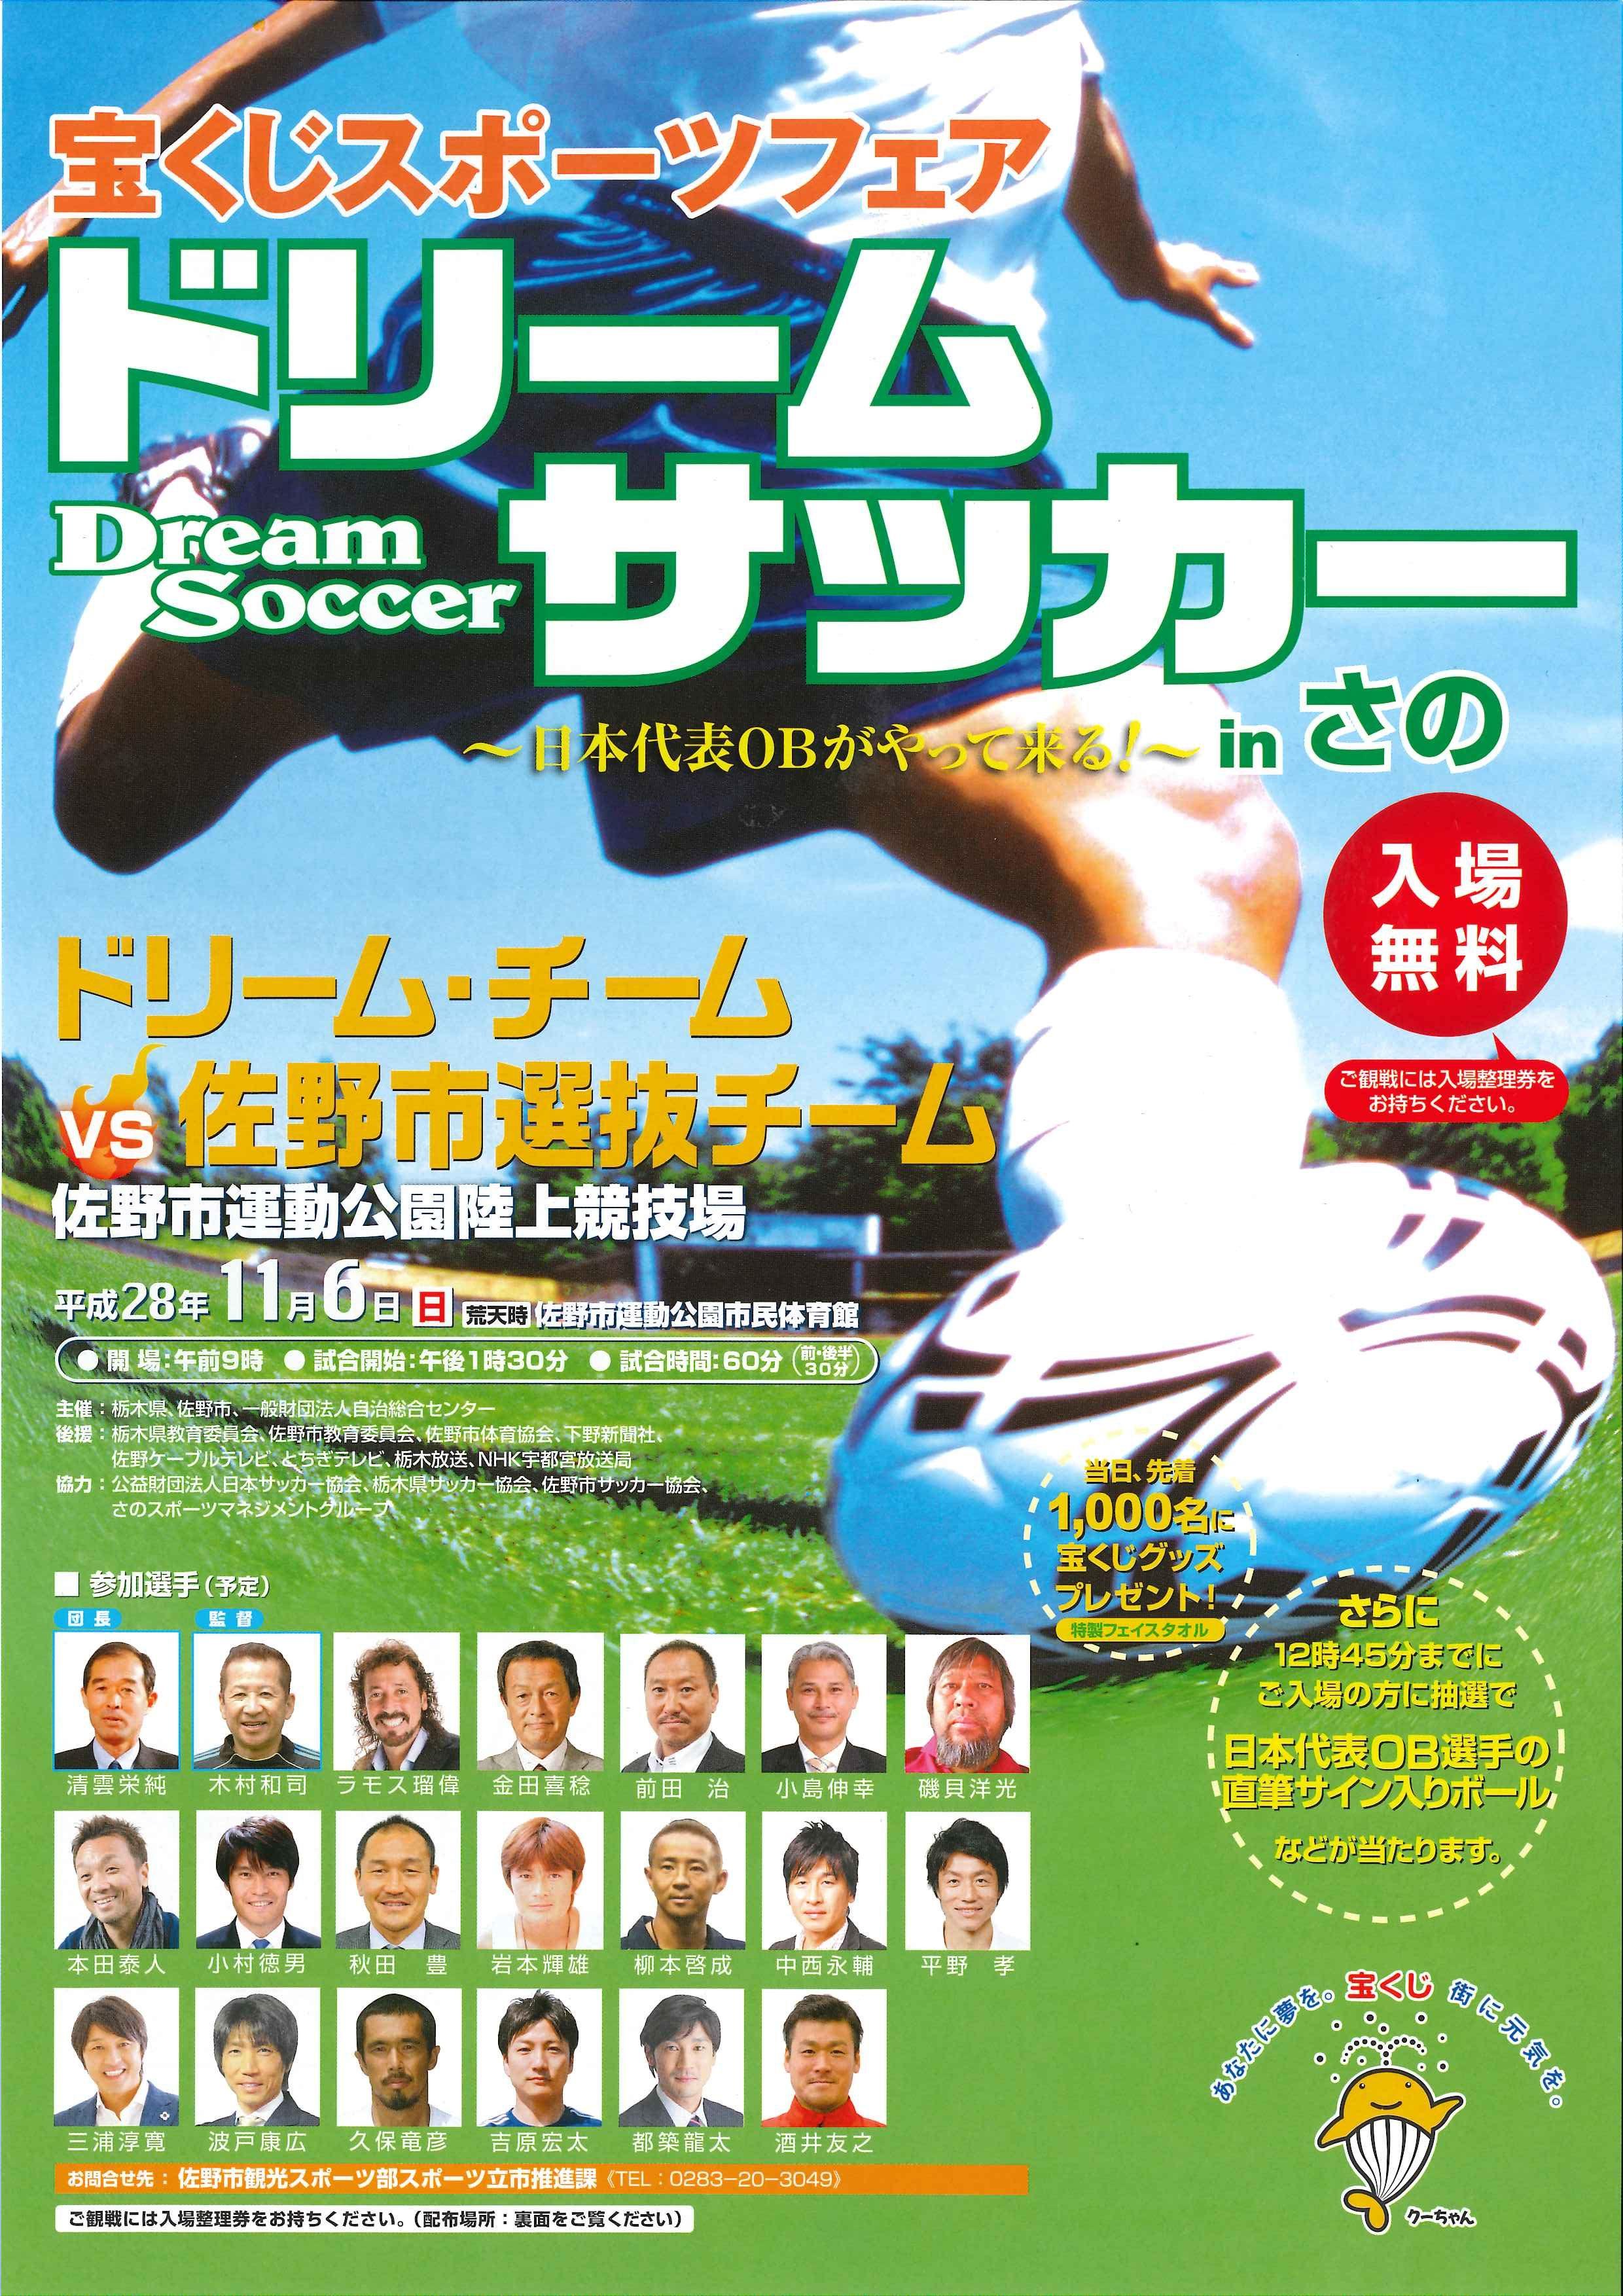 【佐野市】宝くじスポーツフェアinドリーム・サッカーinさのが11月6日に開催されます